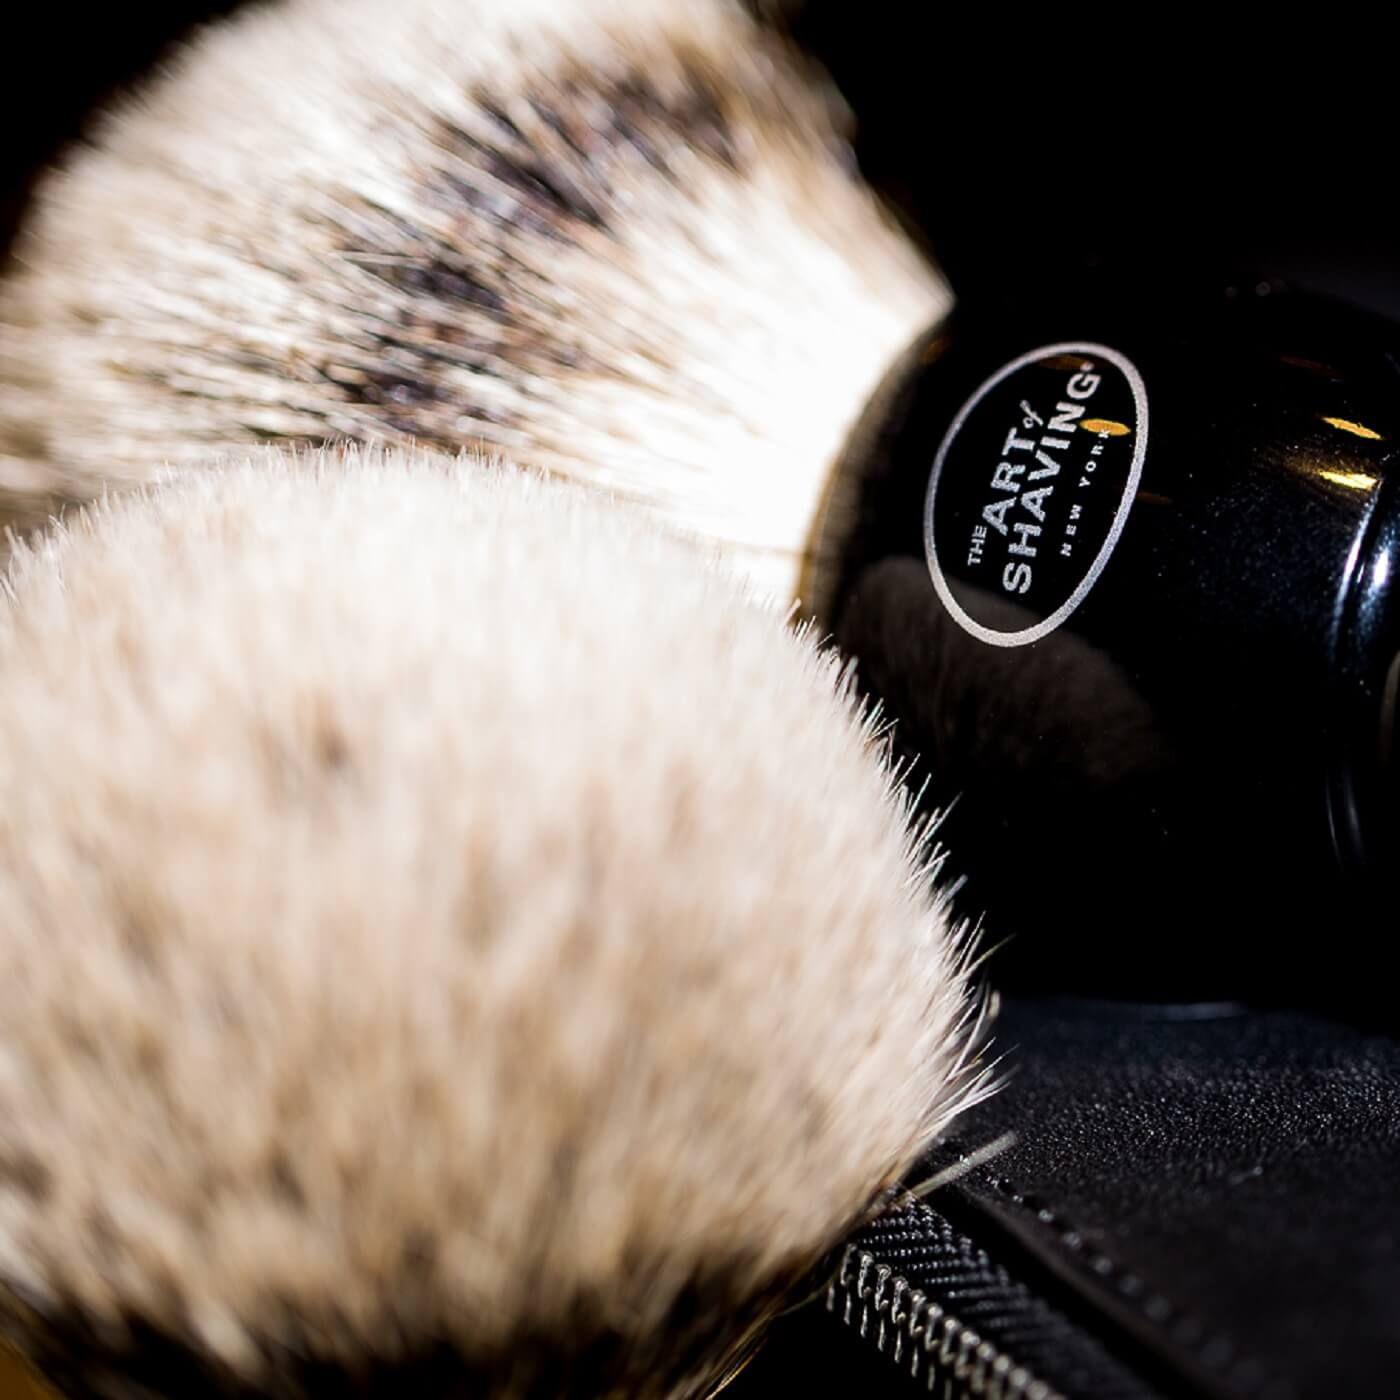 Black fine shaving brush badger shaving brush beard